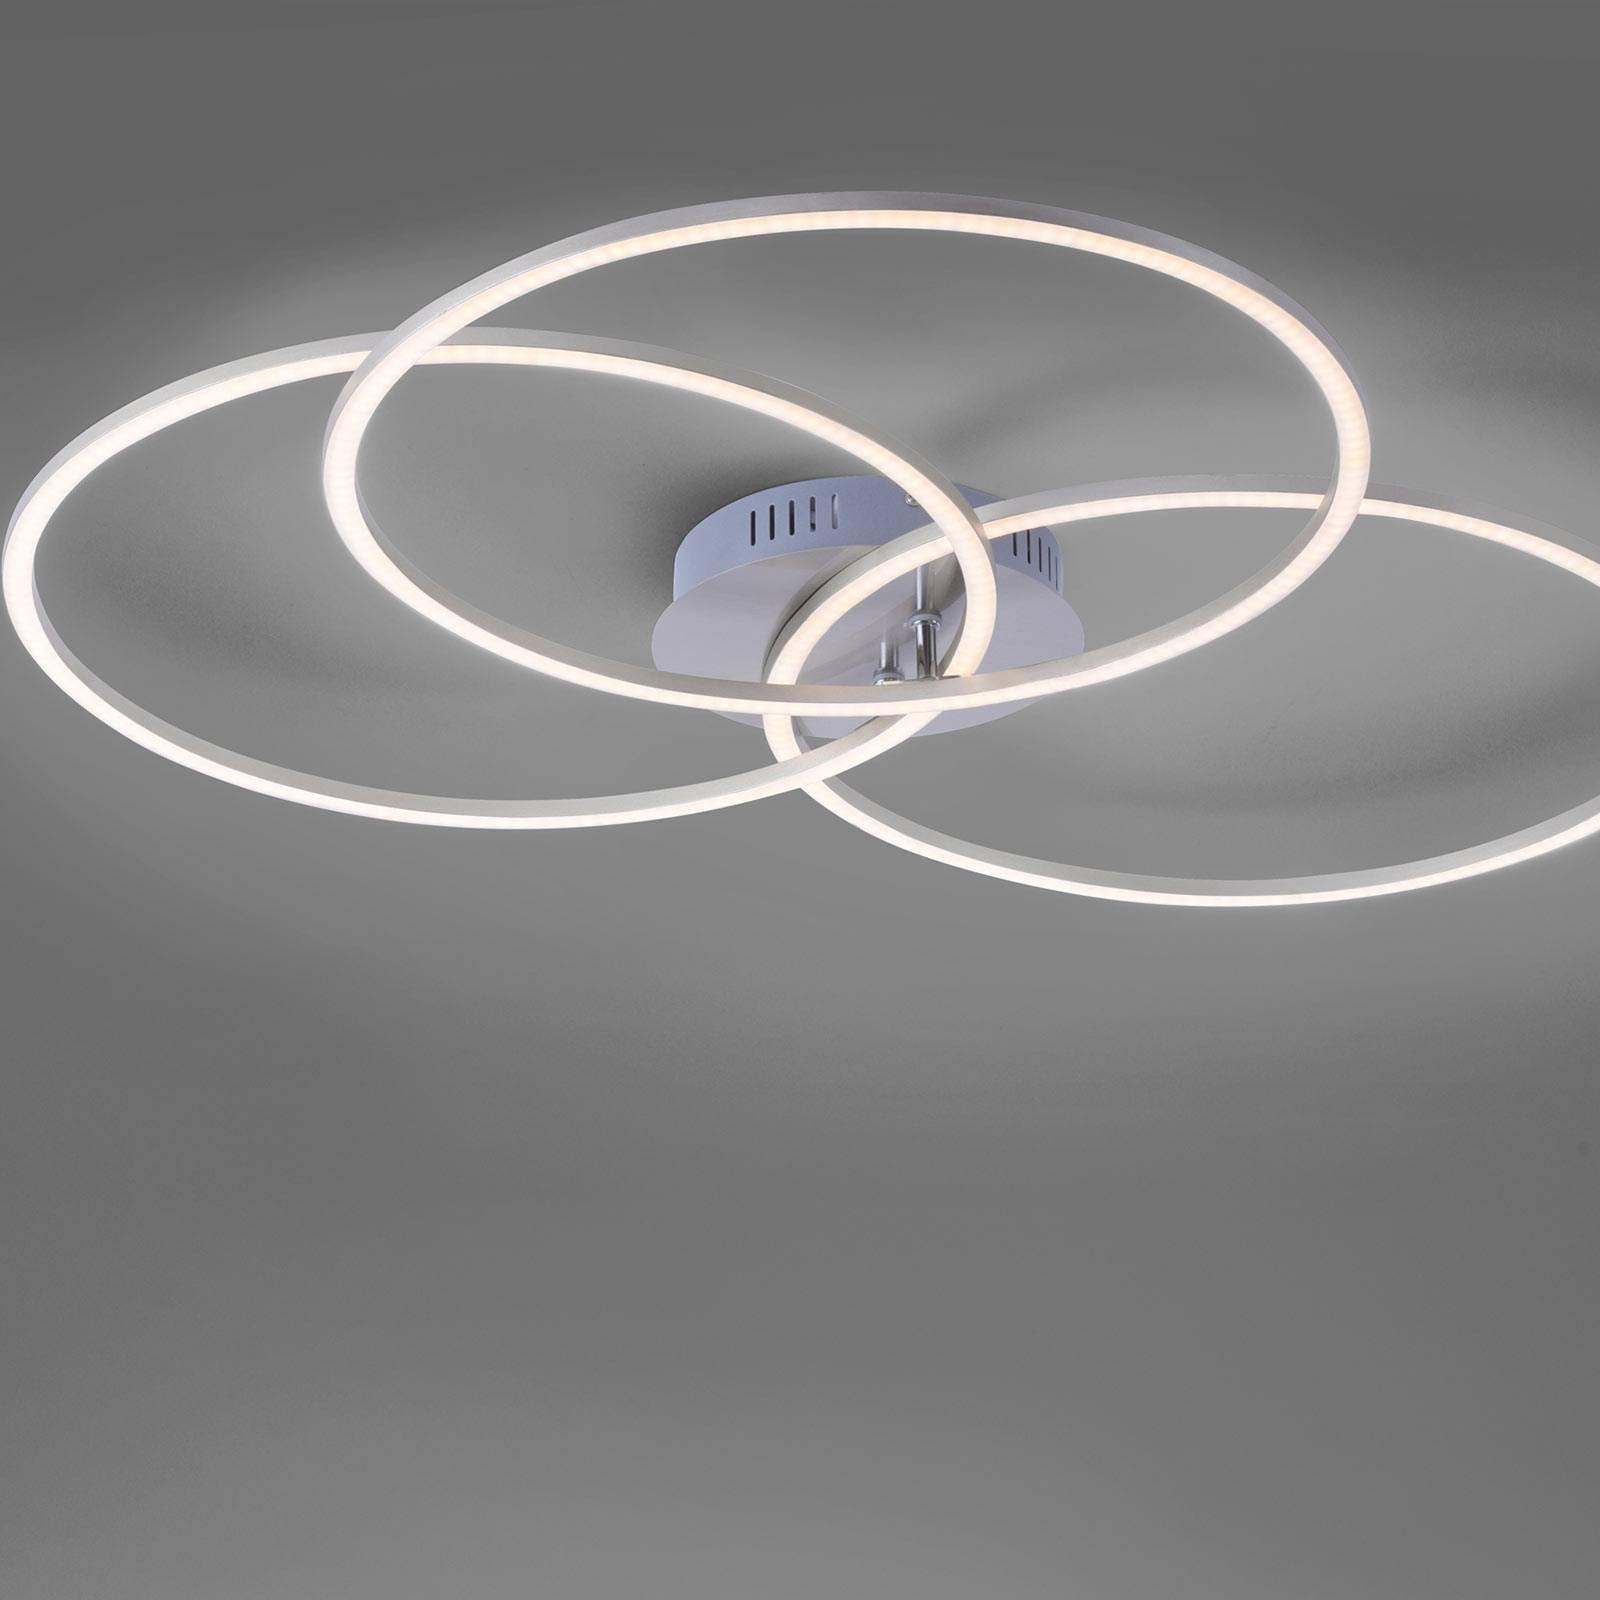 Ivanka LED-taklampe, tre ringer, stål